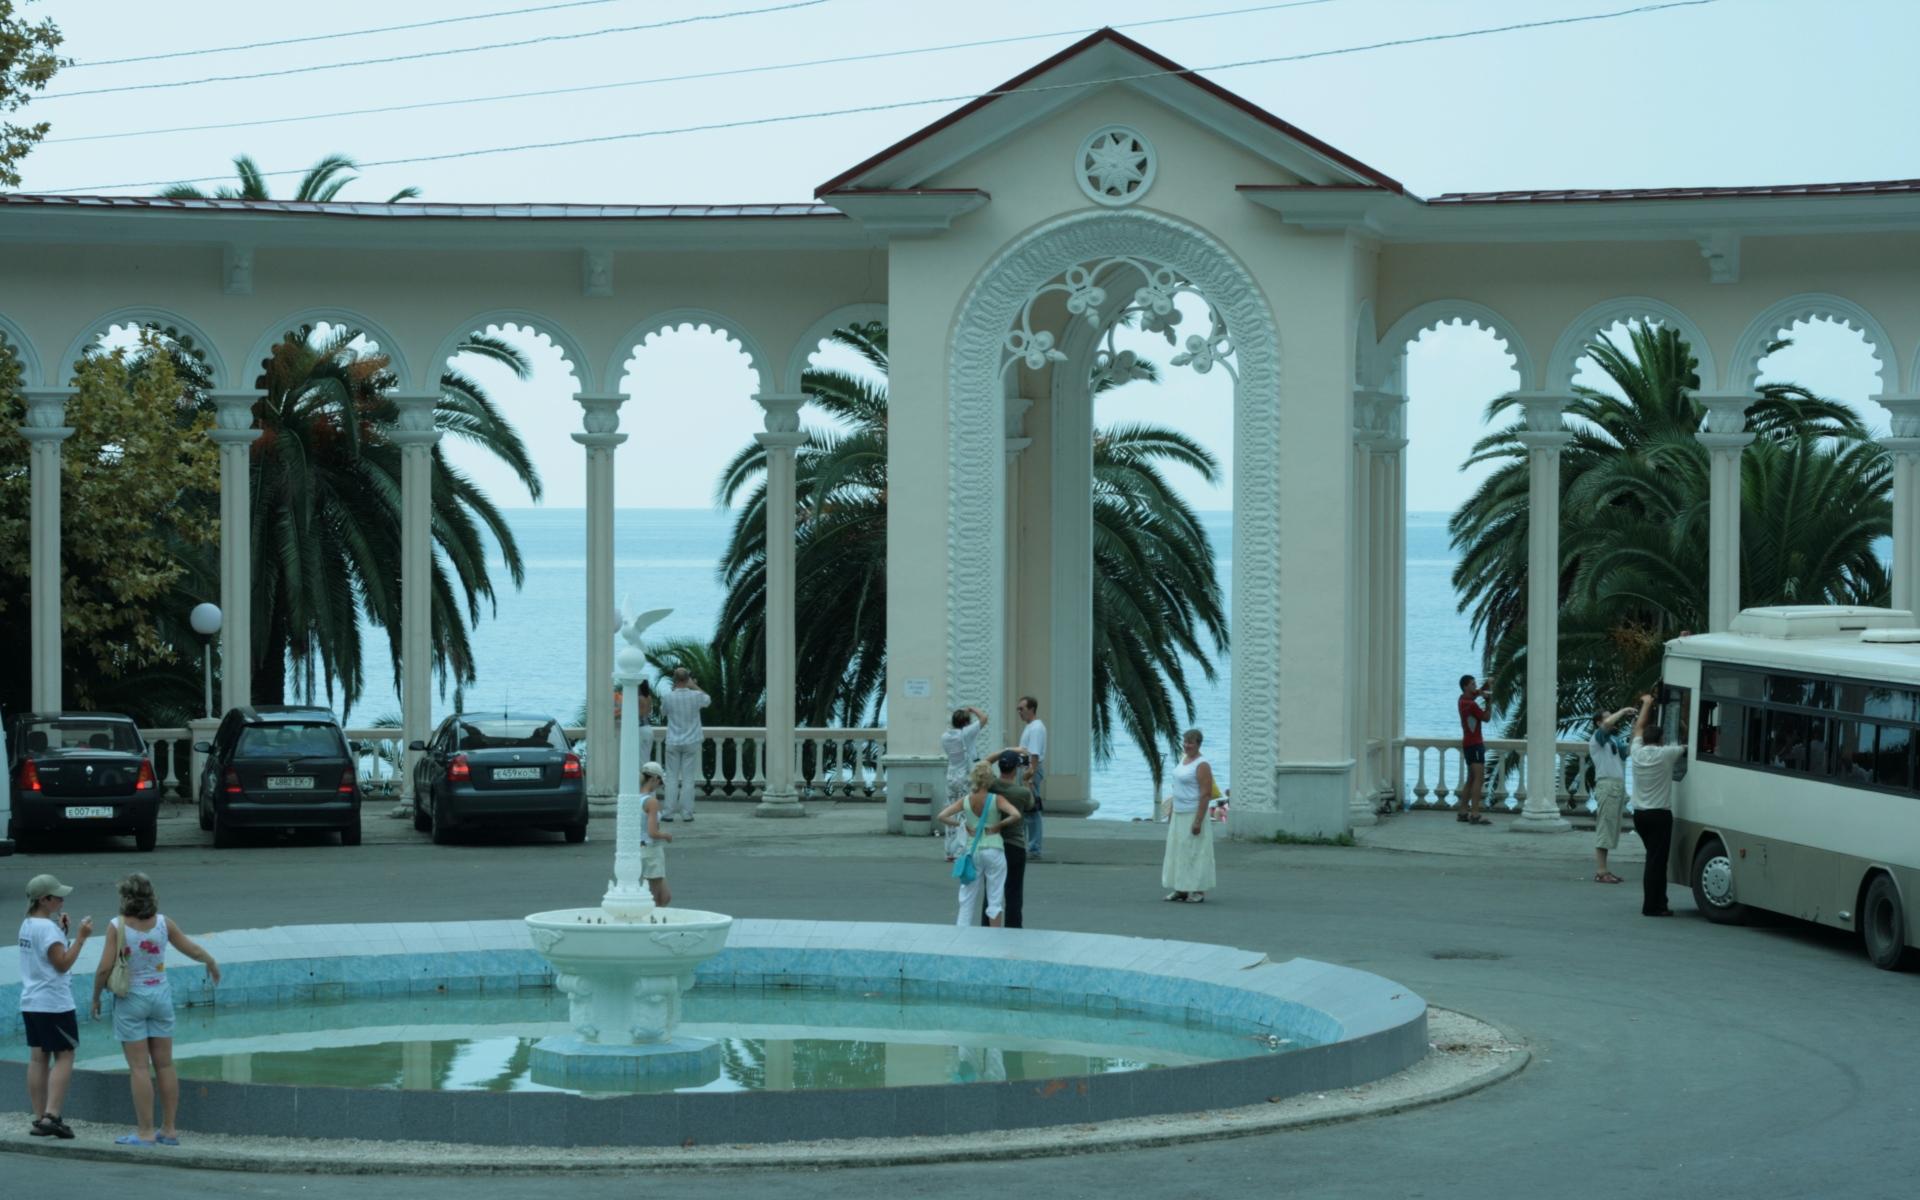 Картинки Абхазия, гагра, набережная, арка, достопримечательности фото и обои на рабочий стол